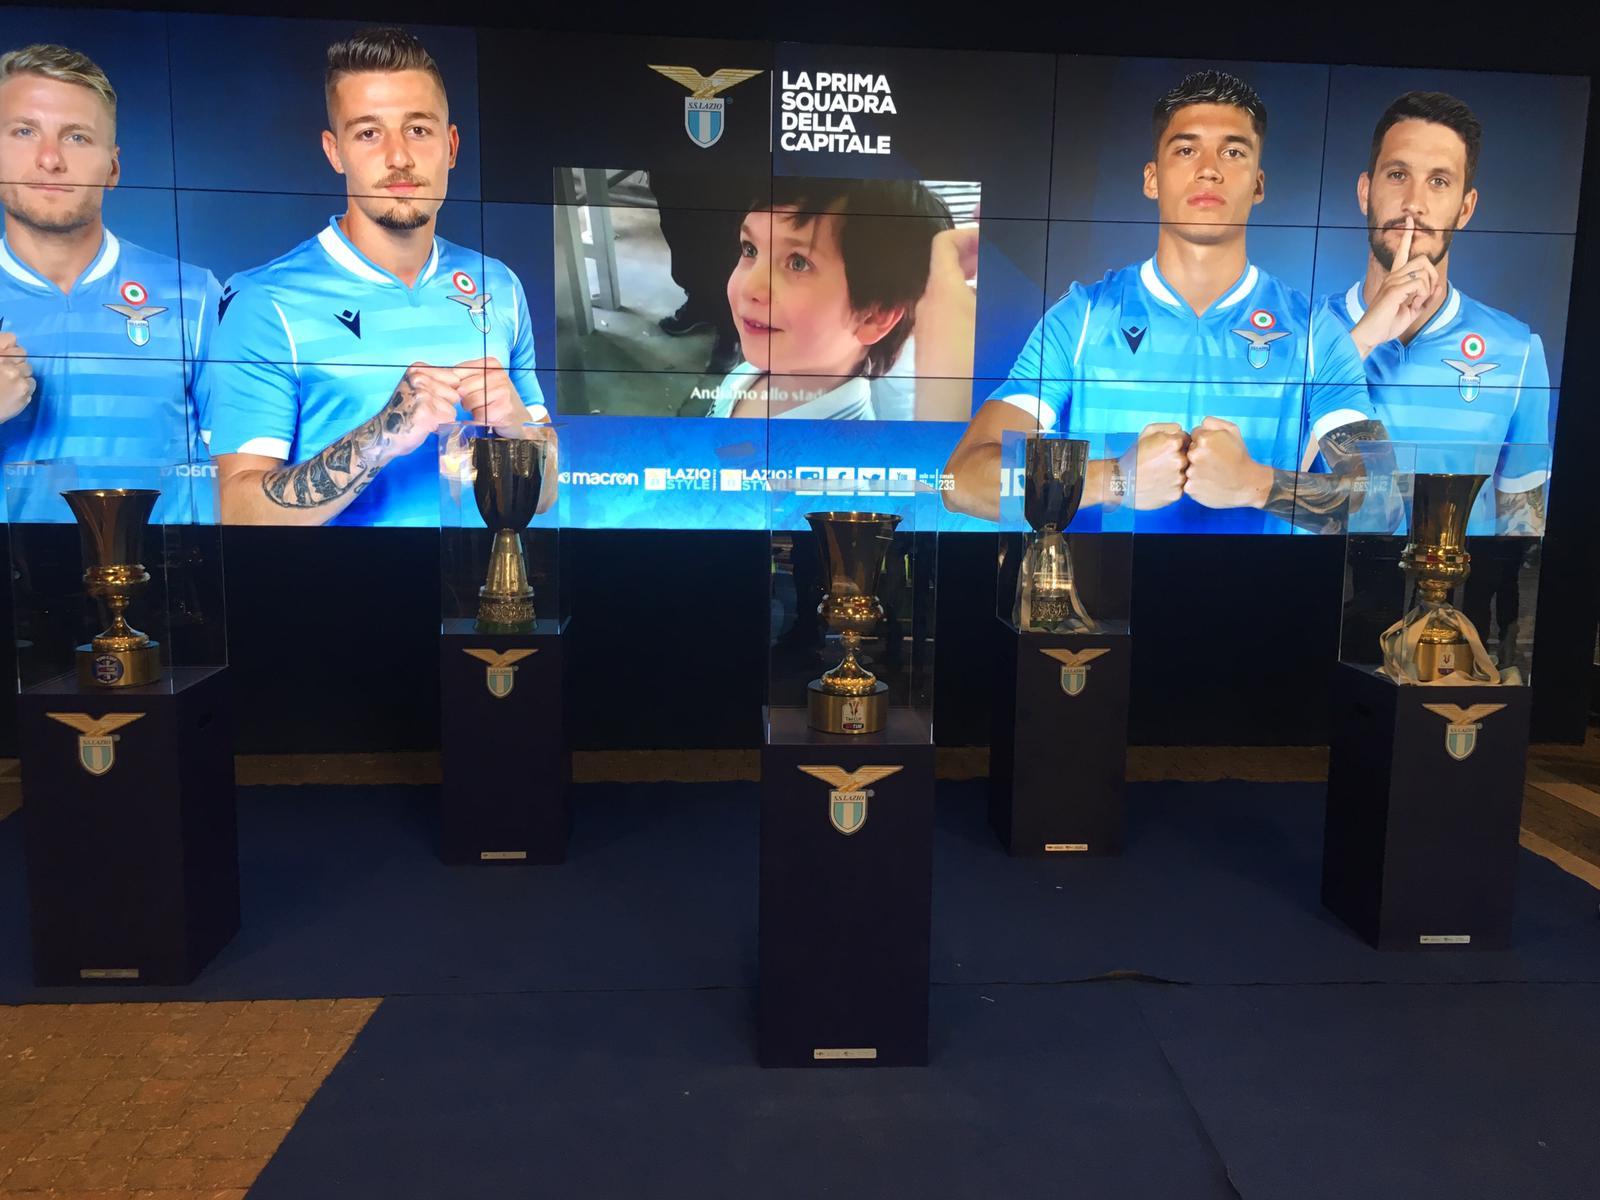 Lazio - Roma, trofei era Lotito